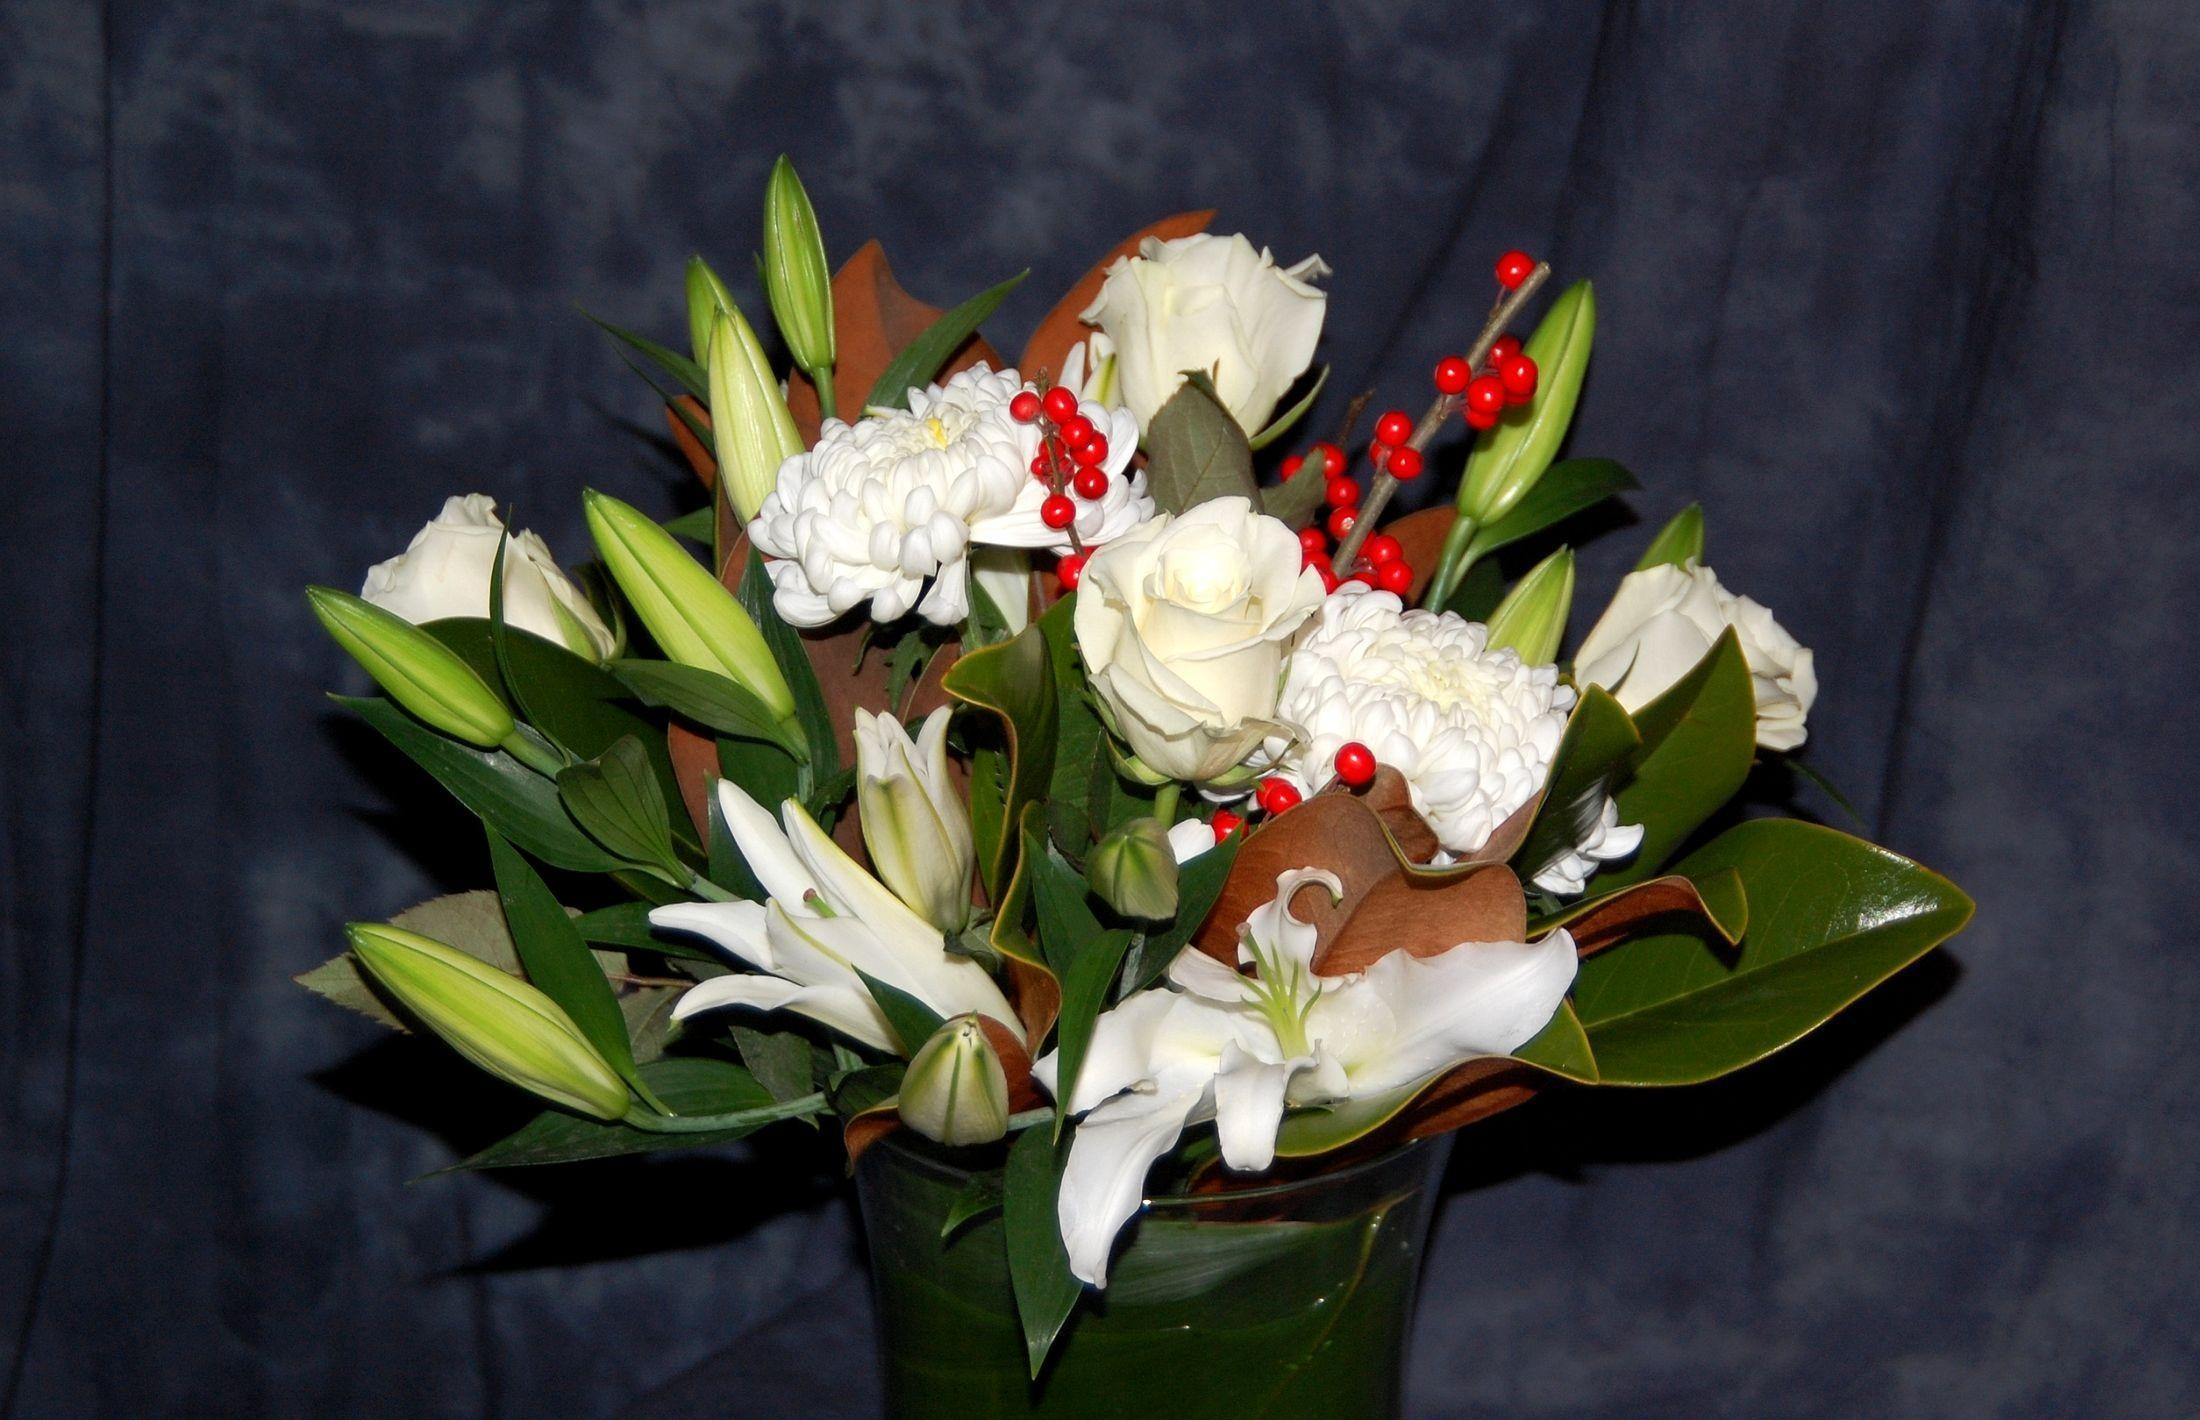 150465 скачать обои Цветы, Лилии, Букет, Хризантемы, Розы, Ягоды - заставки и картинки бесплатно